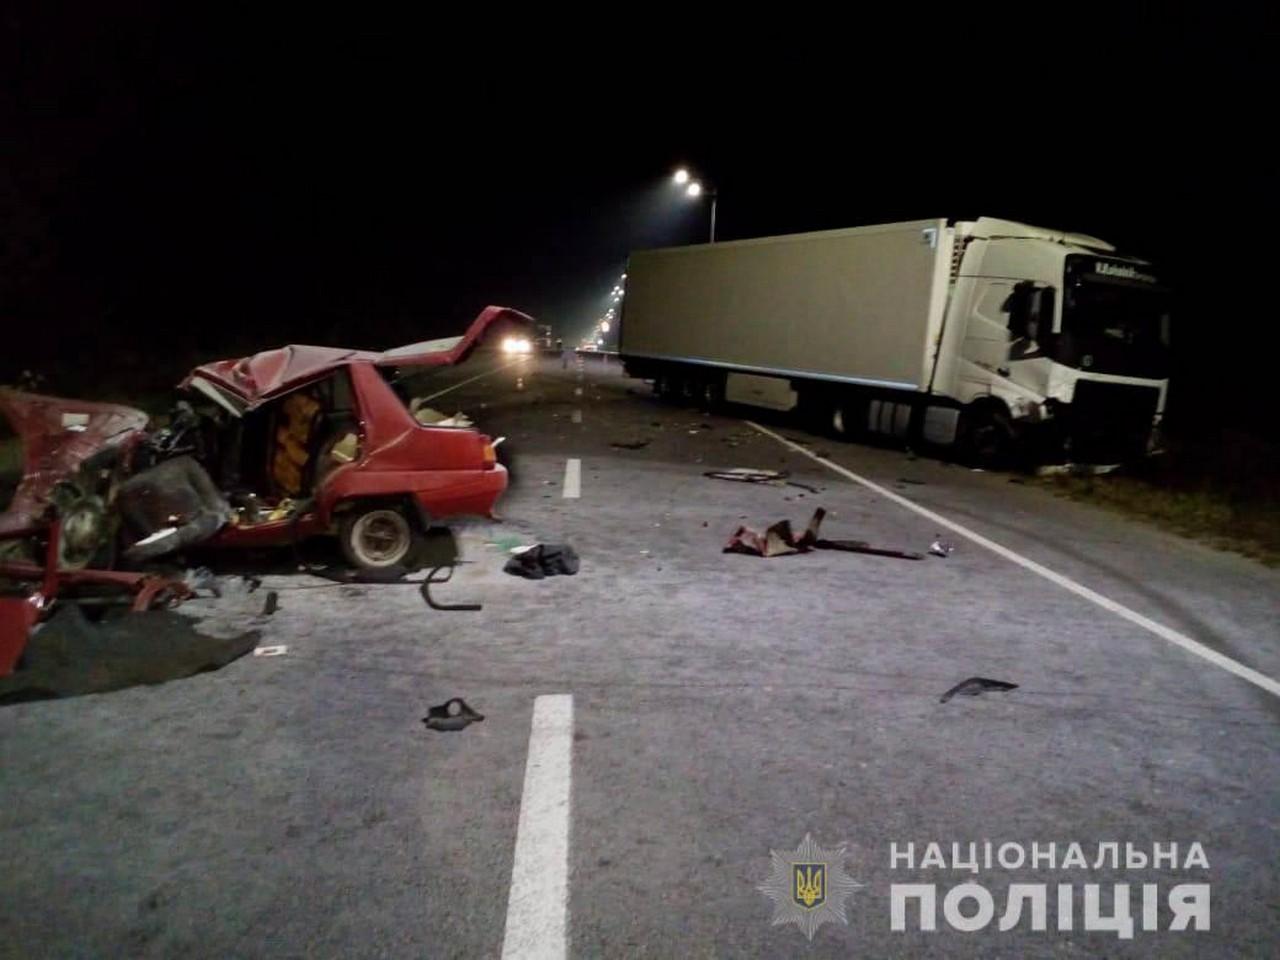 На Барському шосе, неподалік Вінниці, зіткнулися вантажівка і легковик. Водій Таврії загину, далекобійник із Закарпаття не постраждав